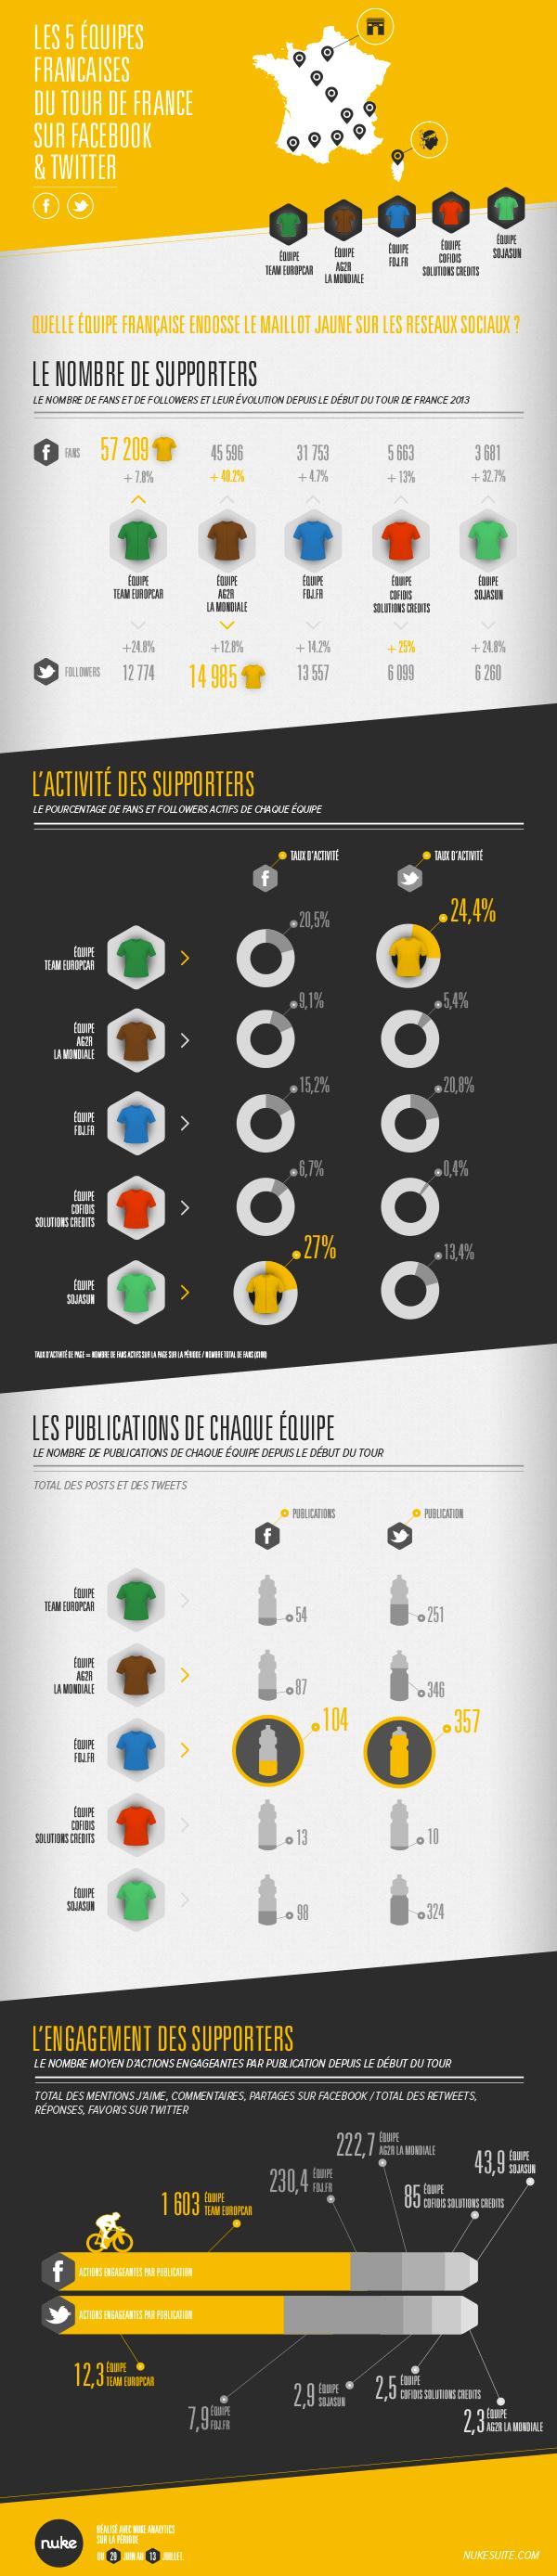 L'activité des équipes et supporters du Tour de France 2013 sur Facebook et Twitter